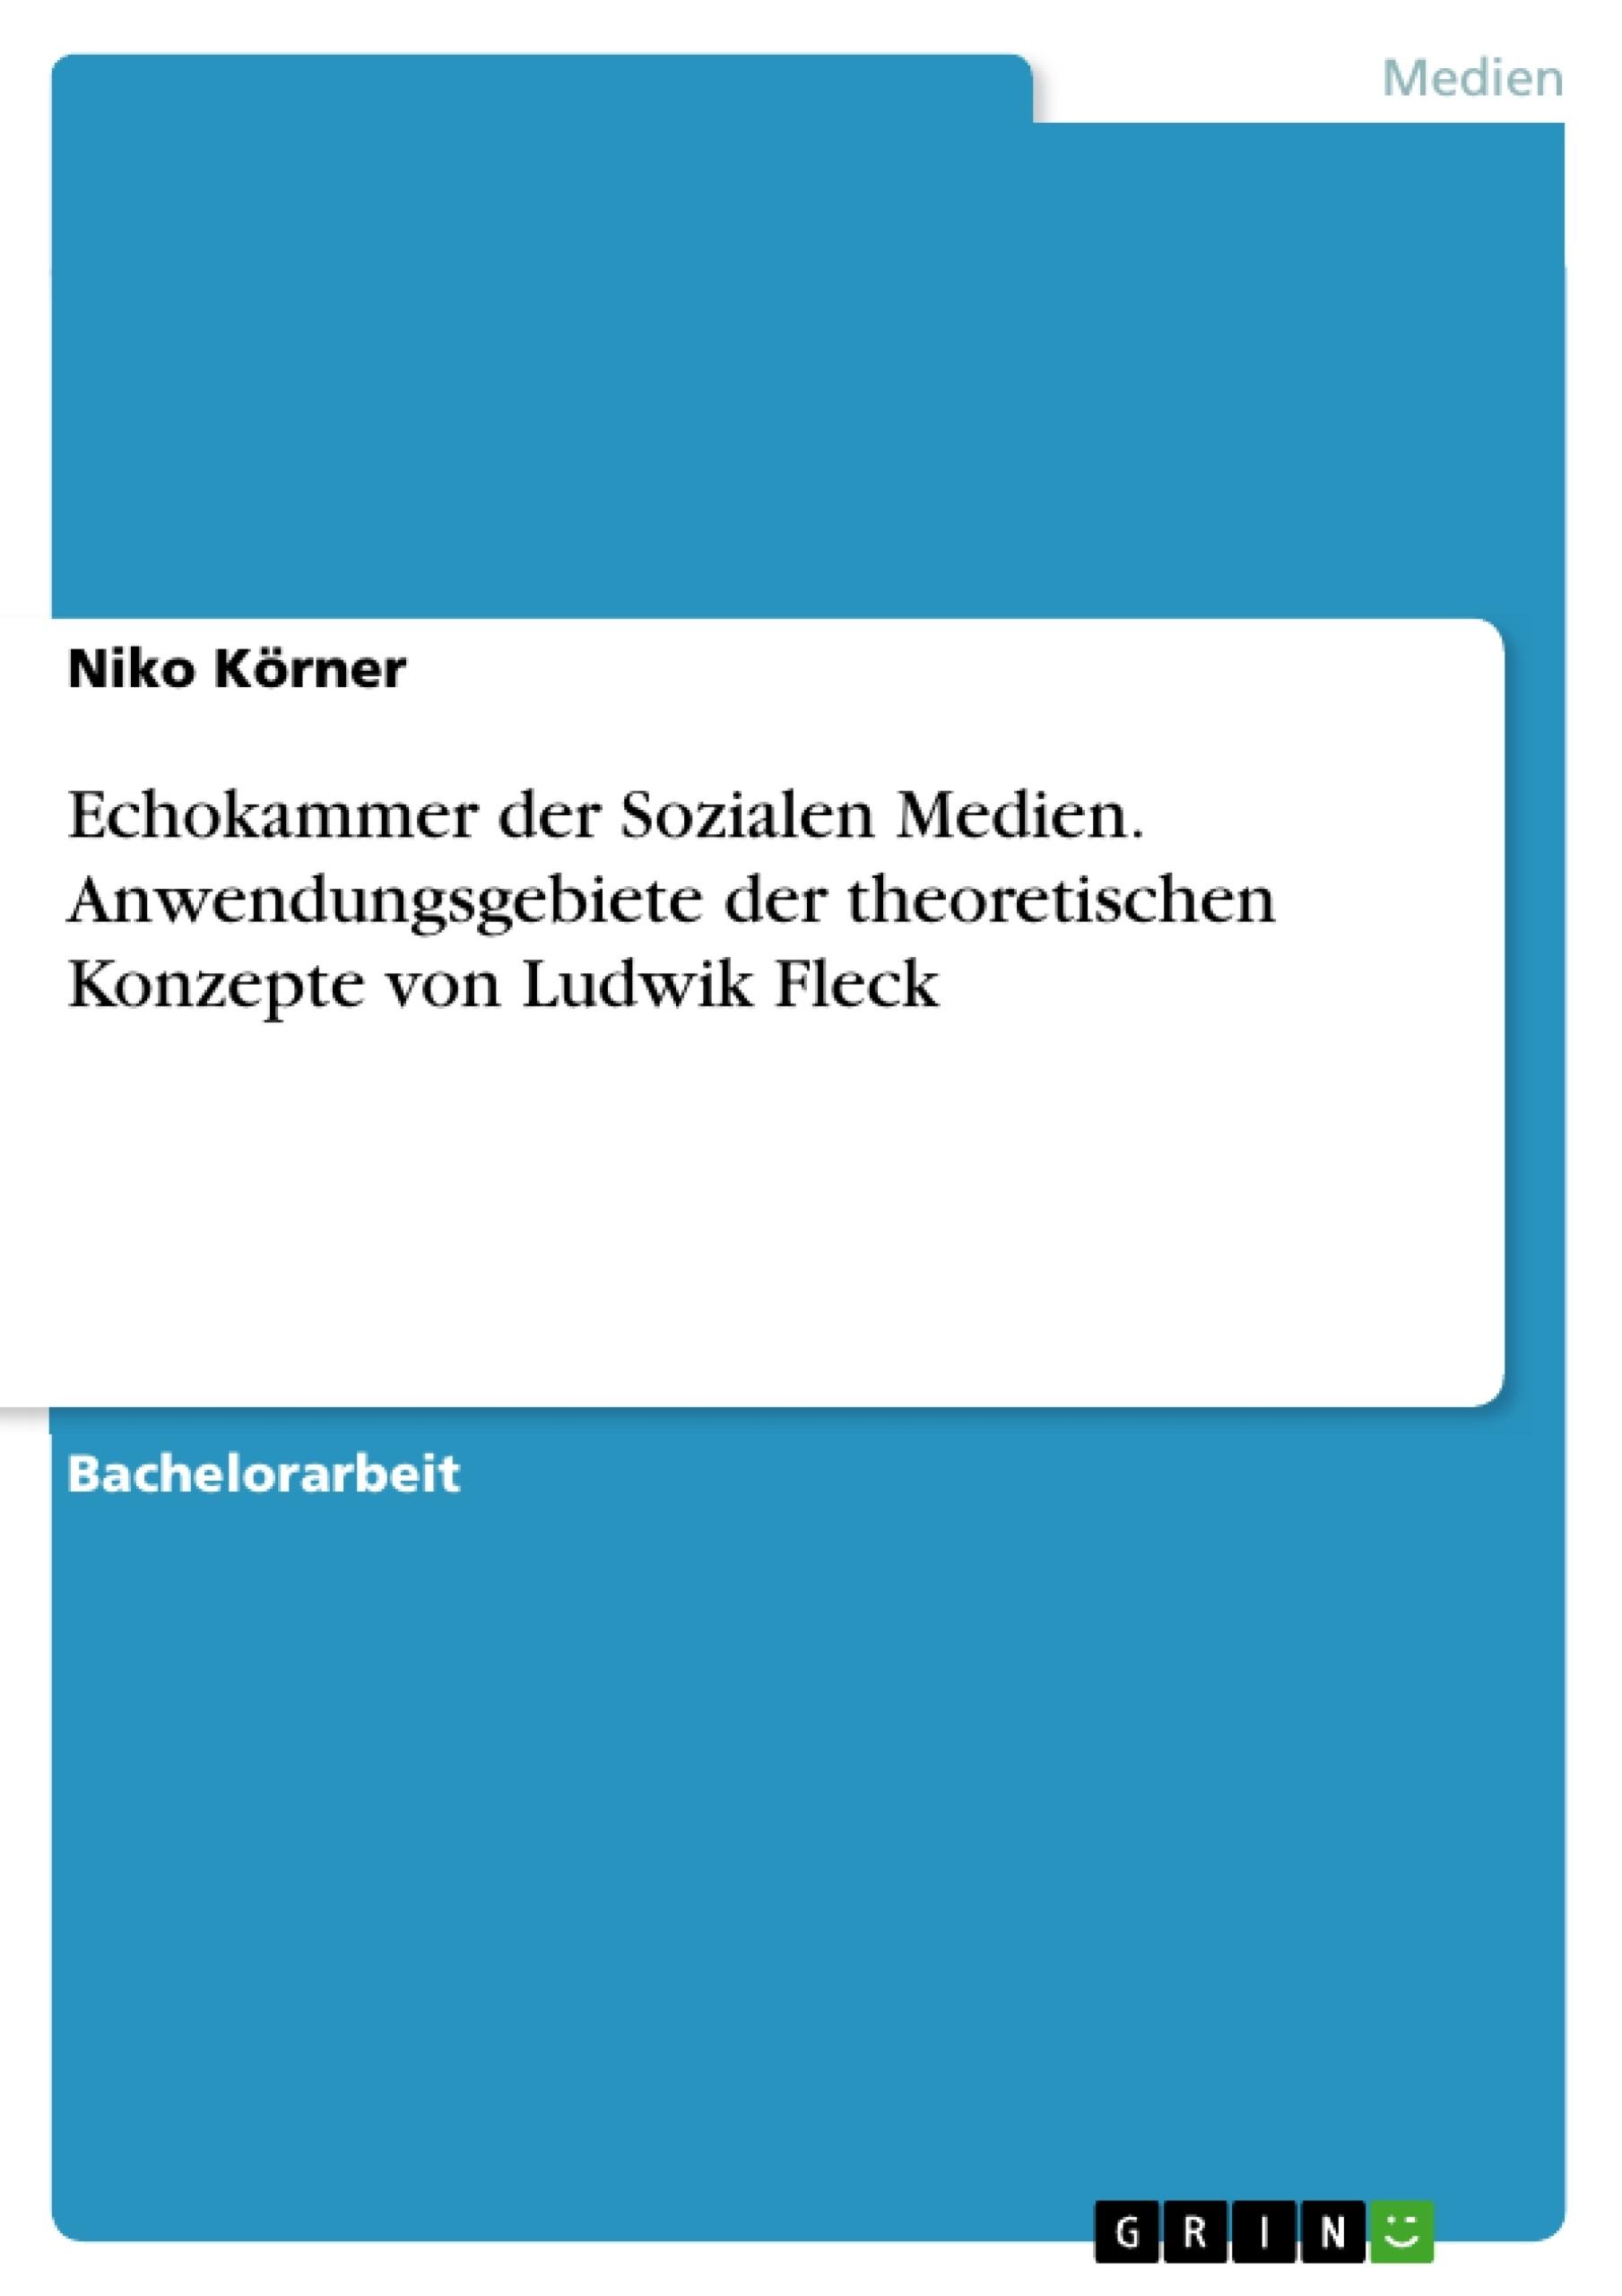 Titel: Echokammer der Sozialen Medien. Anwendungsgebiete der theoretischen Konzepte von Ludwik Fleck